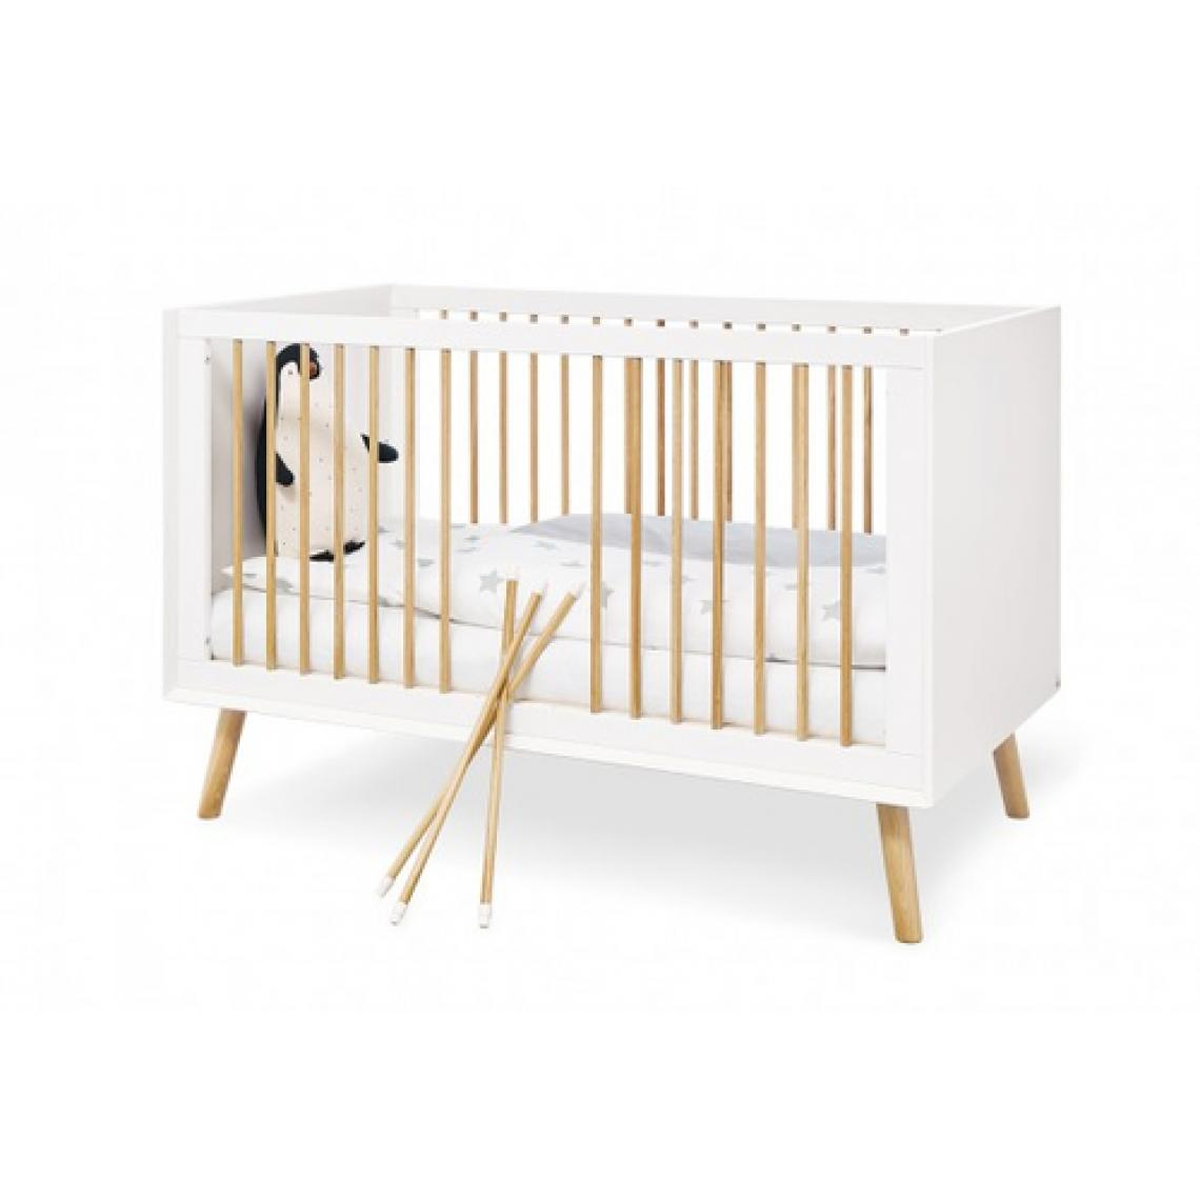 Pinolino Pinolino Ensemble Economique Edge 2 pièces lit de bébé évolutif commode à langer extra large